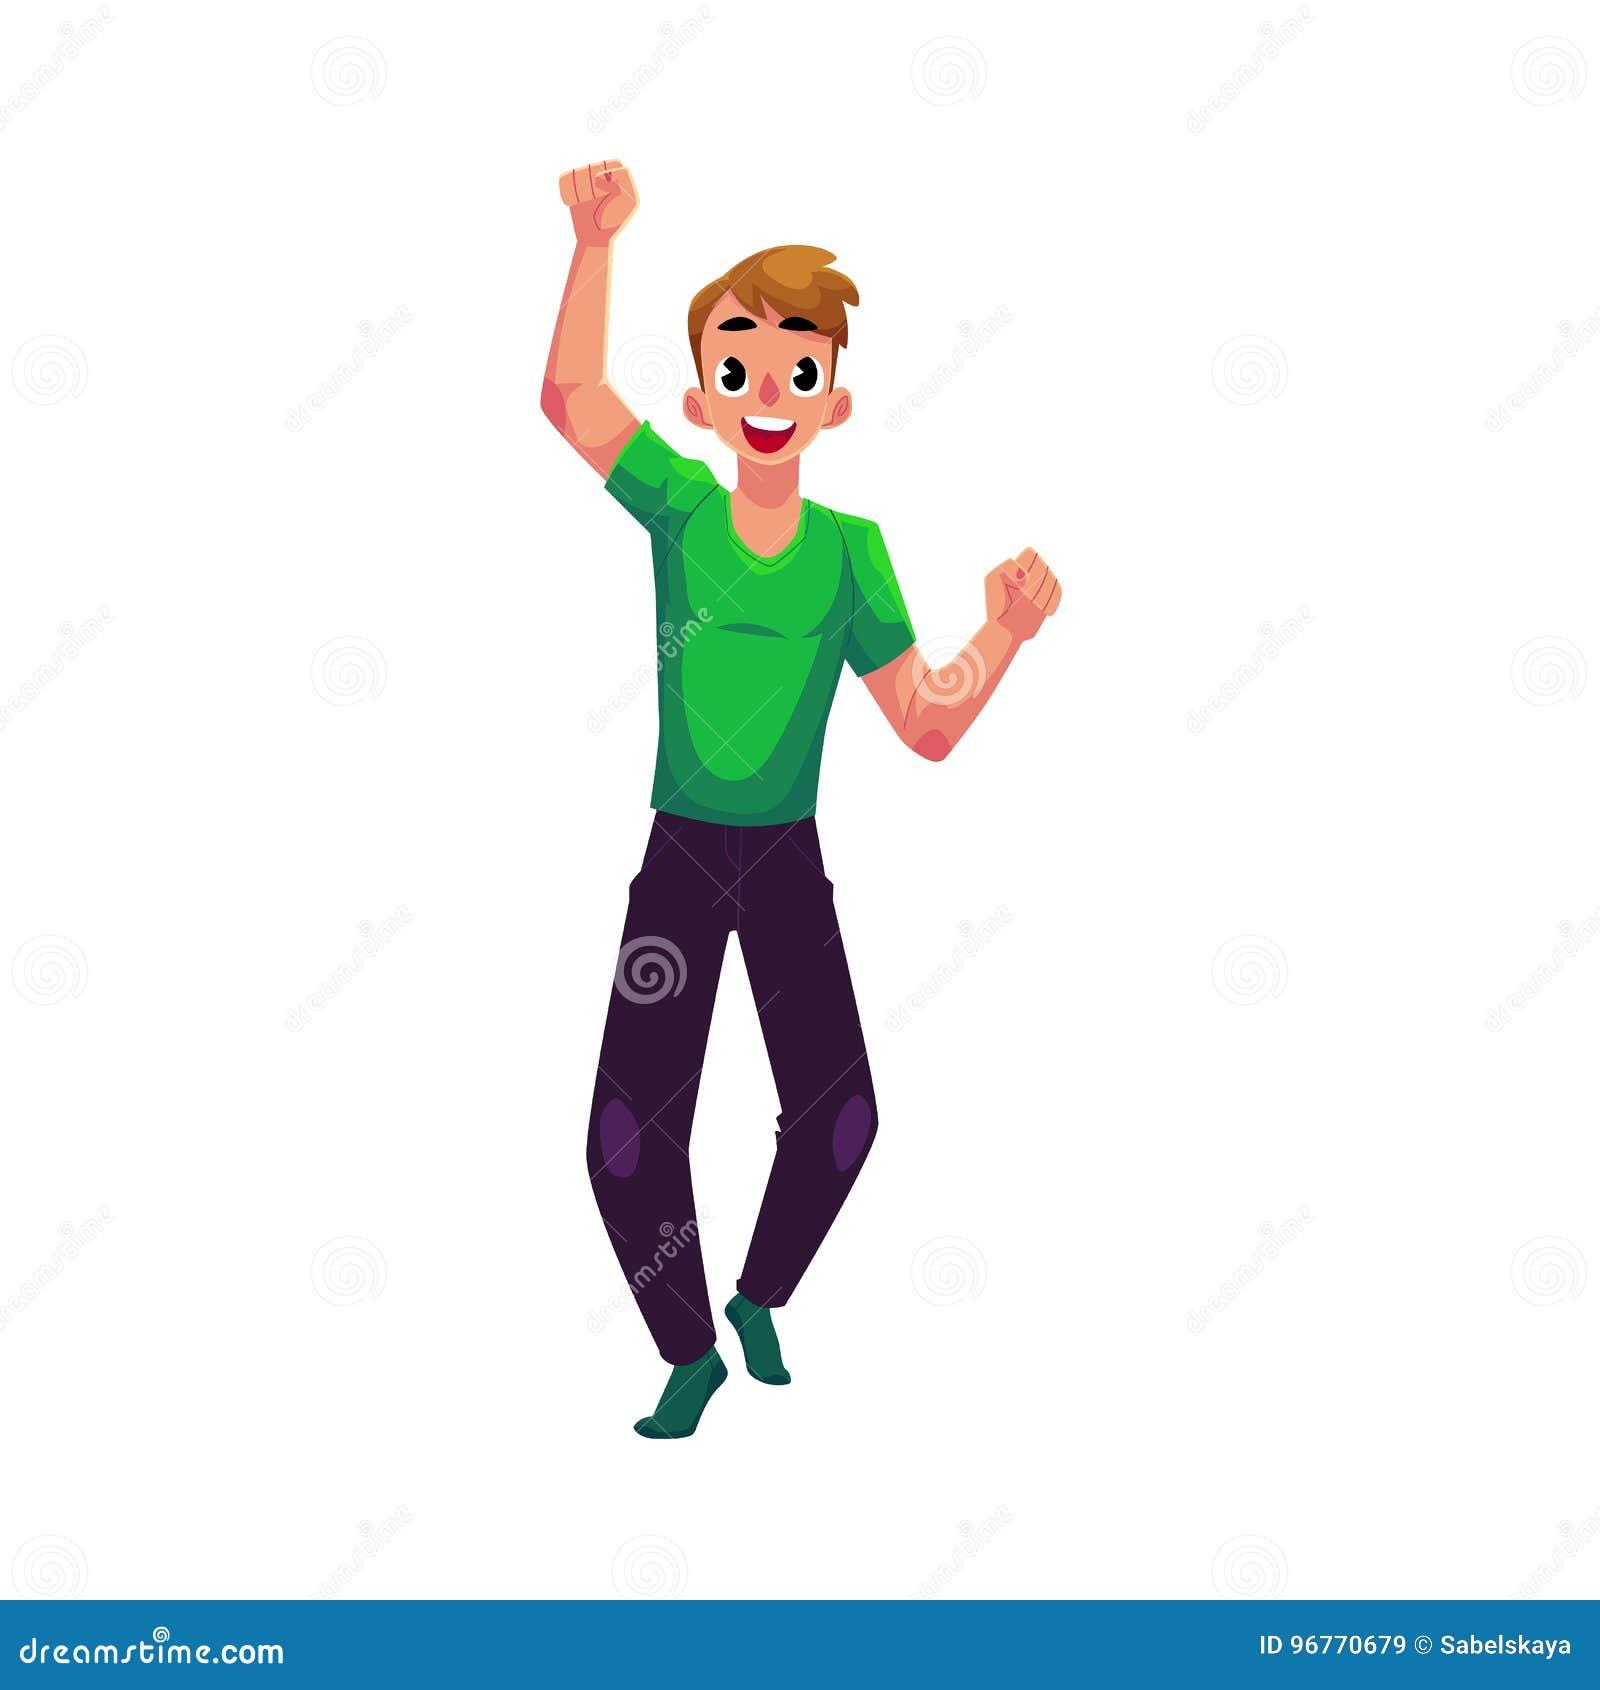 年轻人,男孩,人,欣喜,欢呼,跳跃在幸福,兴奋